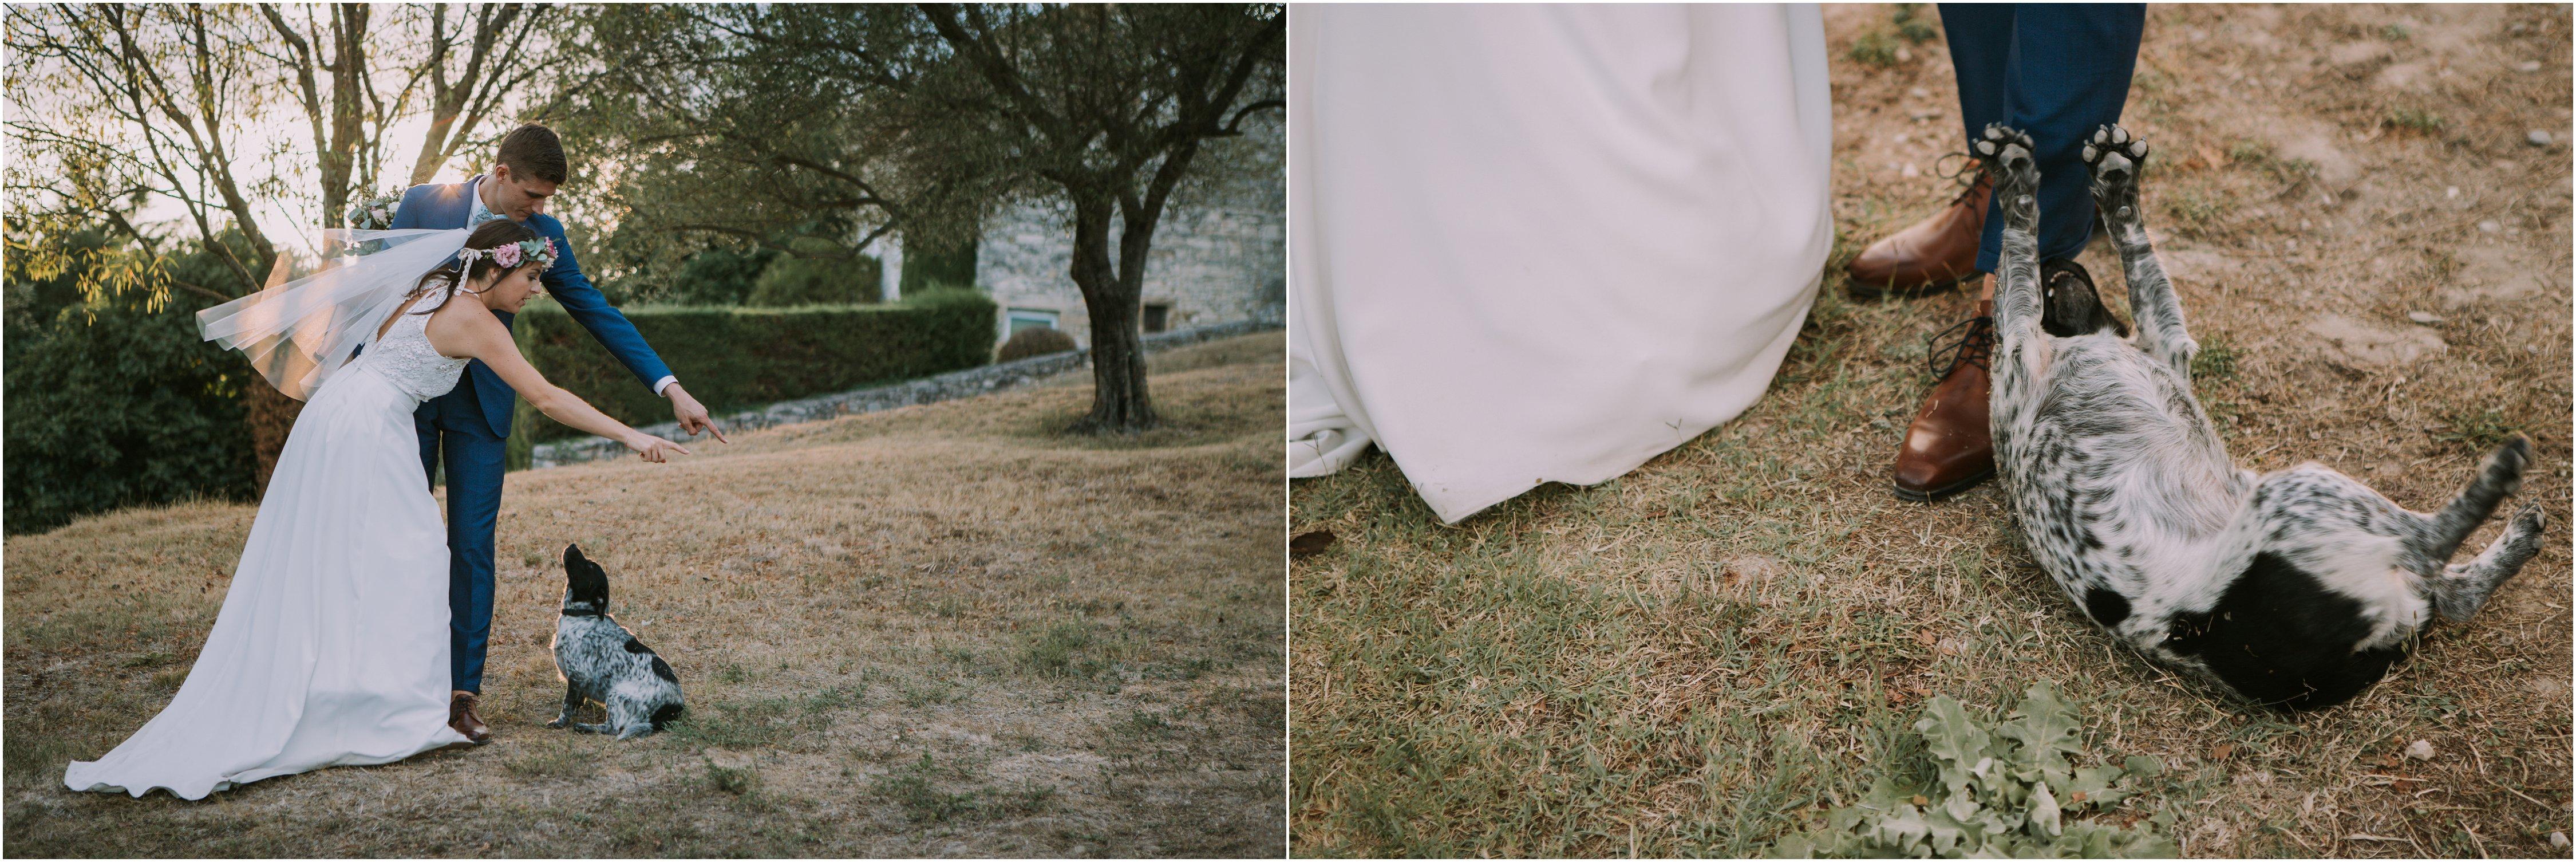 kateryna-photos-mariage-wedding-france-ardeche-domaine-clos-hullias-Saint-Christol-de-Rodière-gard-cevennes_0229.jpg